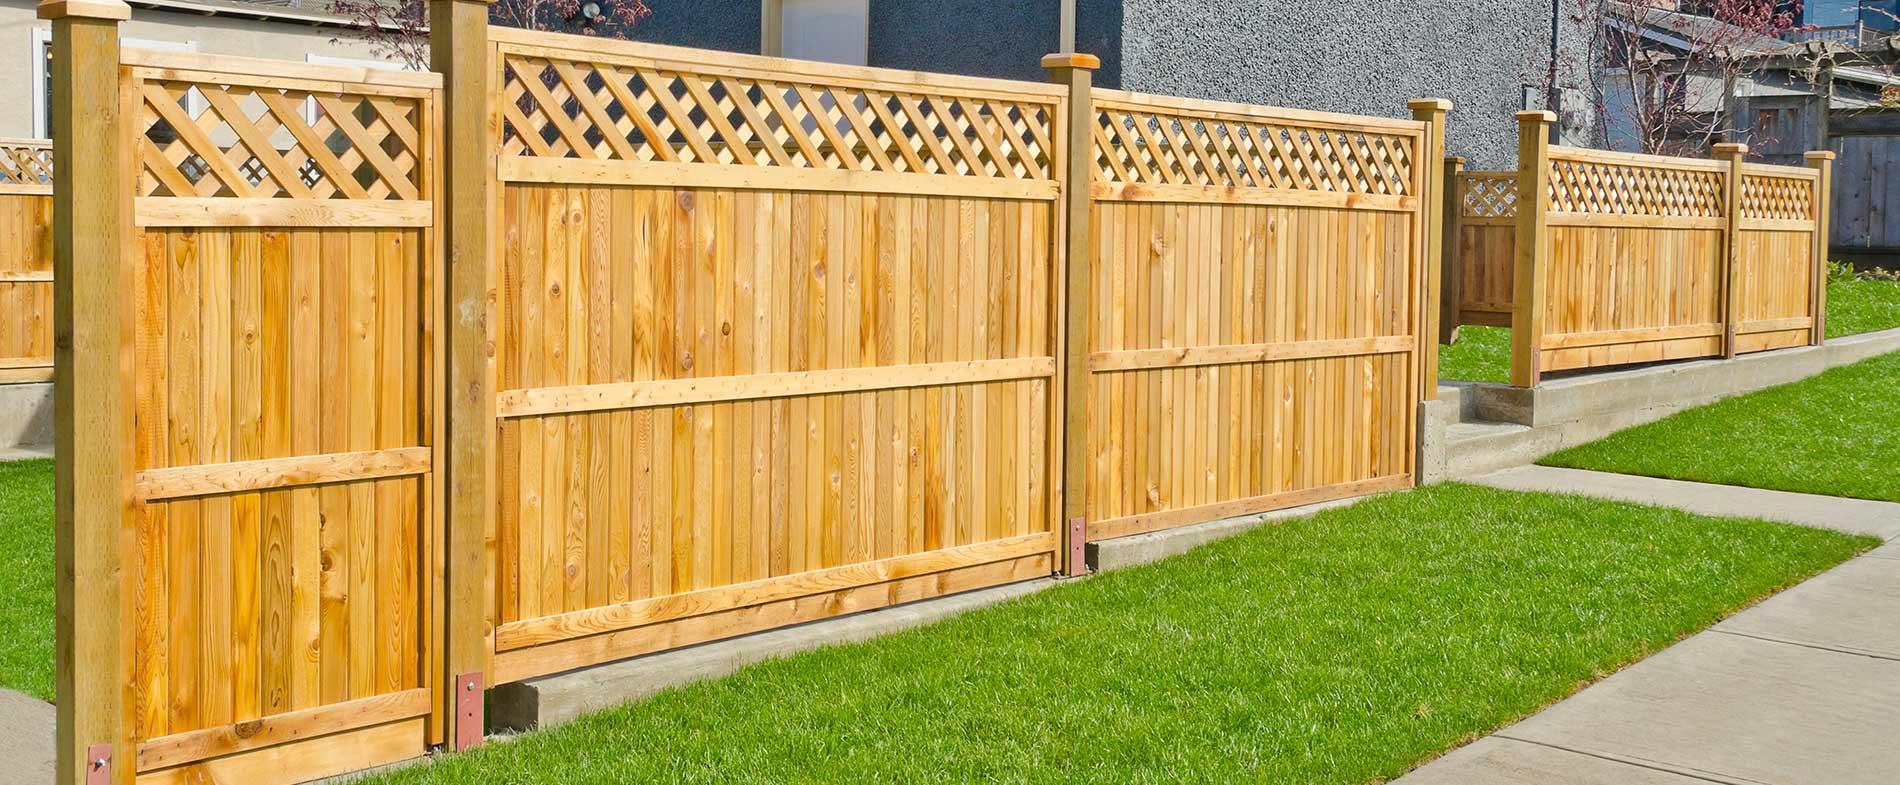 Как сделать деревянный забор - штакетник своими руками 70